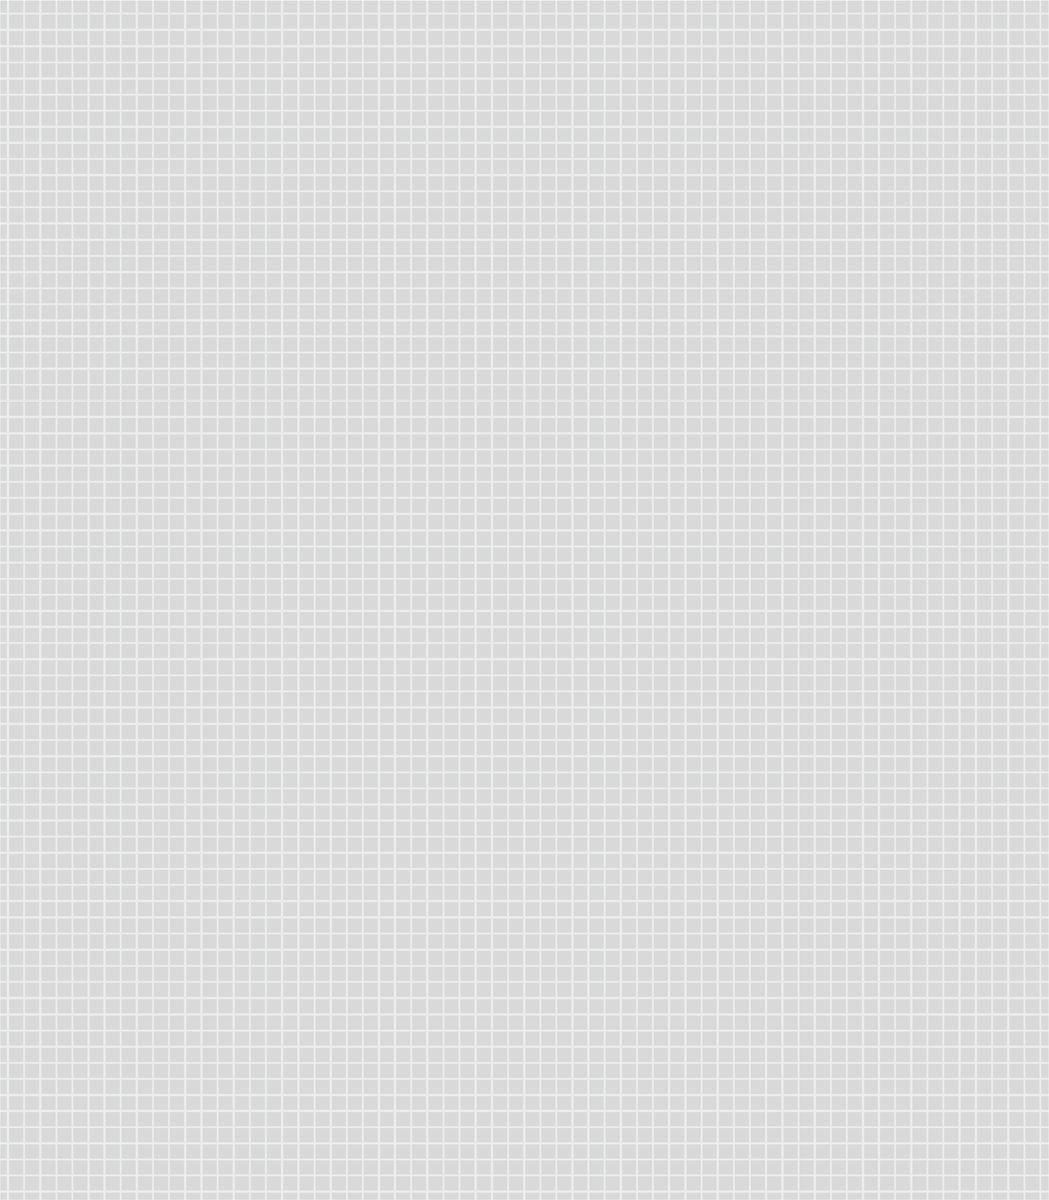 Штора для ванной комнаты Vanstore Квадраты, с кольцами, 180 х 180 см620-13Штора Vanstore Квадраты, выполненная из ПЕВА и EVA (вспененный этиленвинилацетат), оформлена рисунком в виде мелких квадратов. Она надежно защитит от брызг и капель пространство вашей ванной комнаты в то время, пока вы принимаете душ. В верхней кромке шторы предусмотрены отверстия для пластиковых колец (входят в комплект). Оригинальный дизайн шторы наполнит вашу ванную комнату положительной энергией. Количество колец: 12 шт.